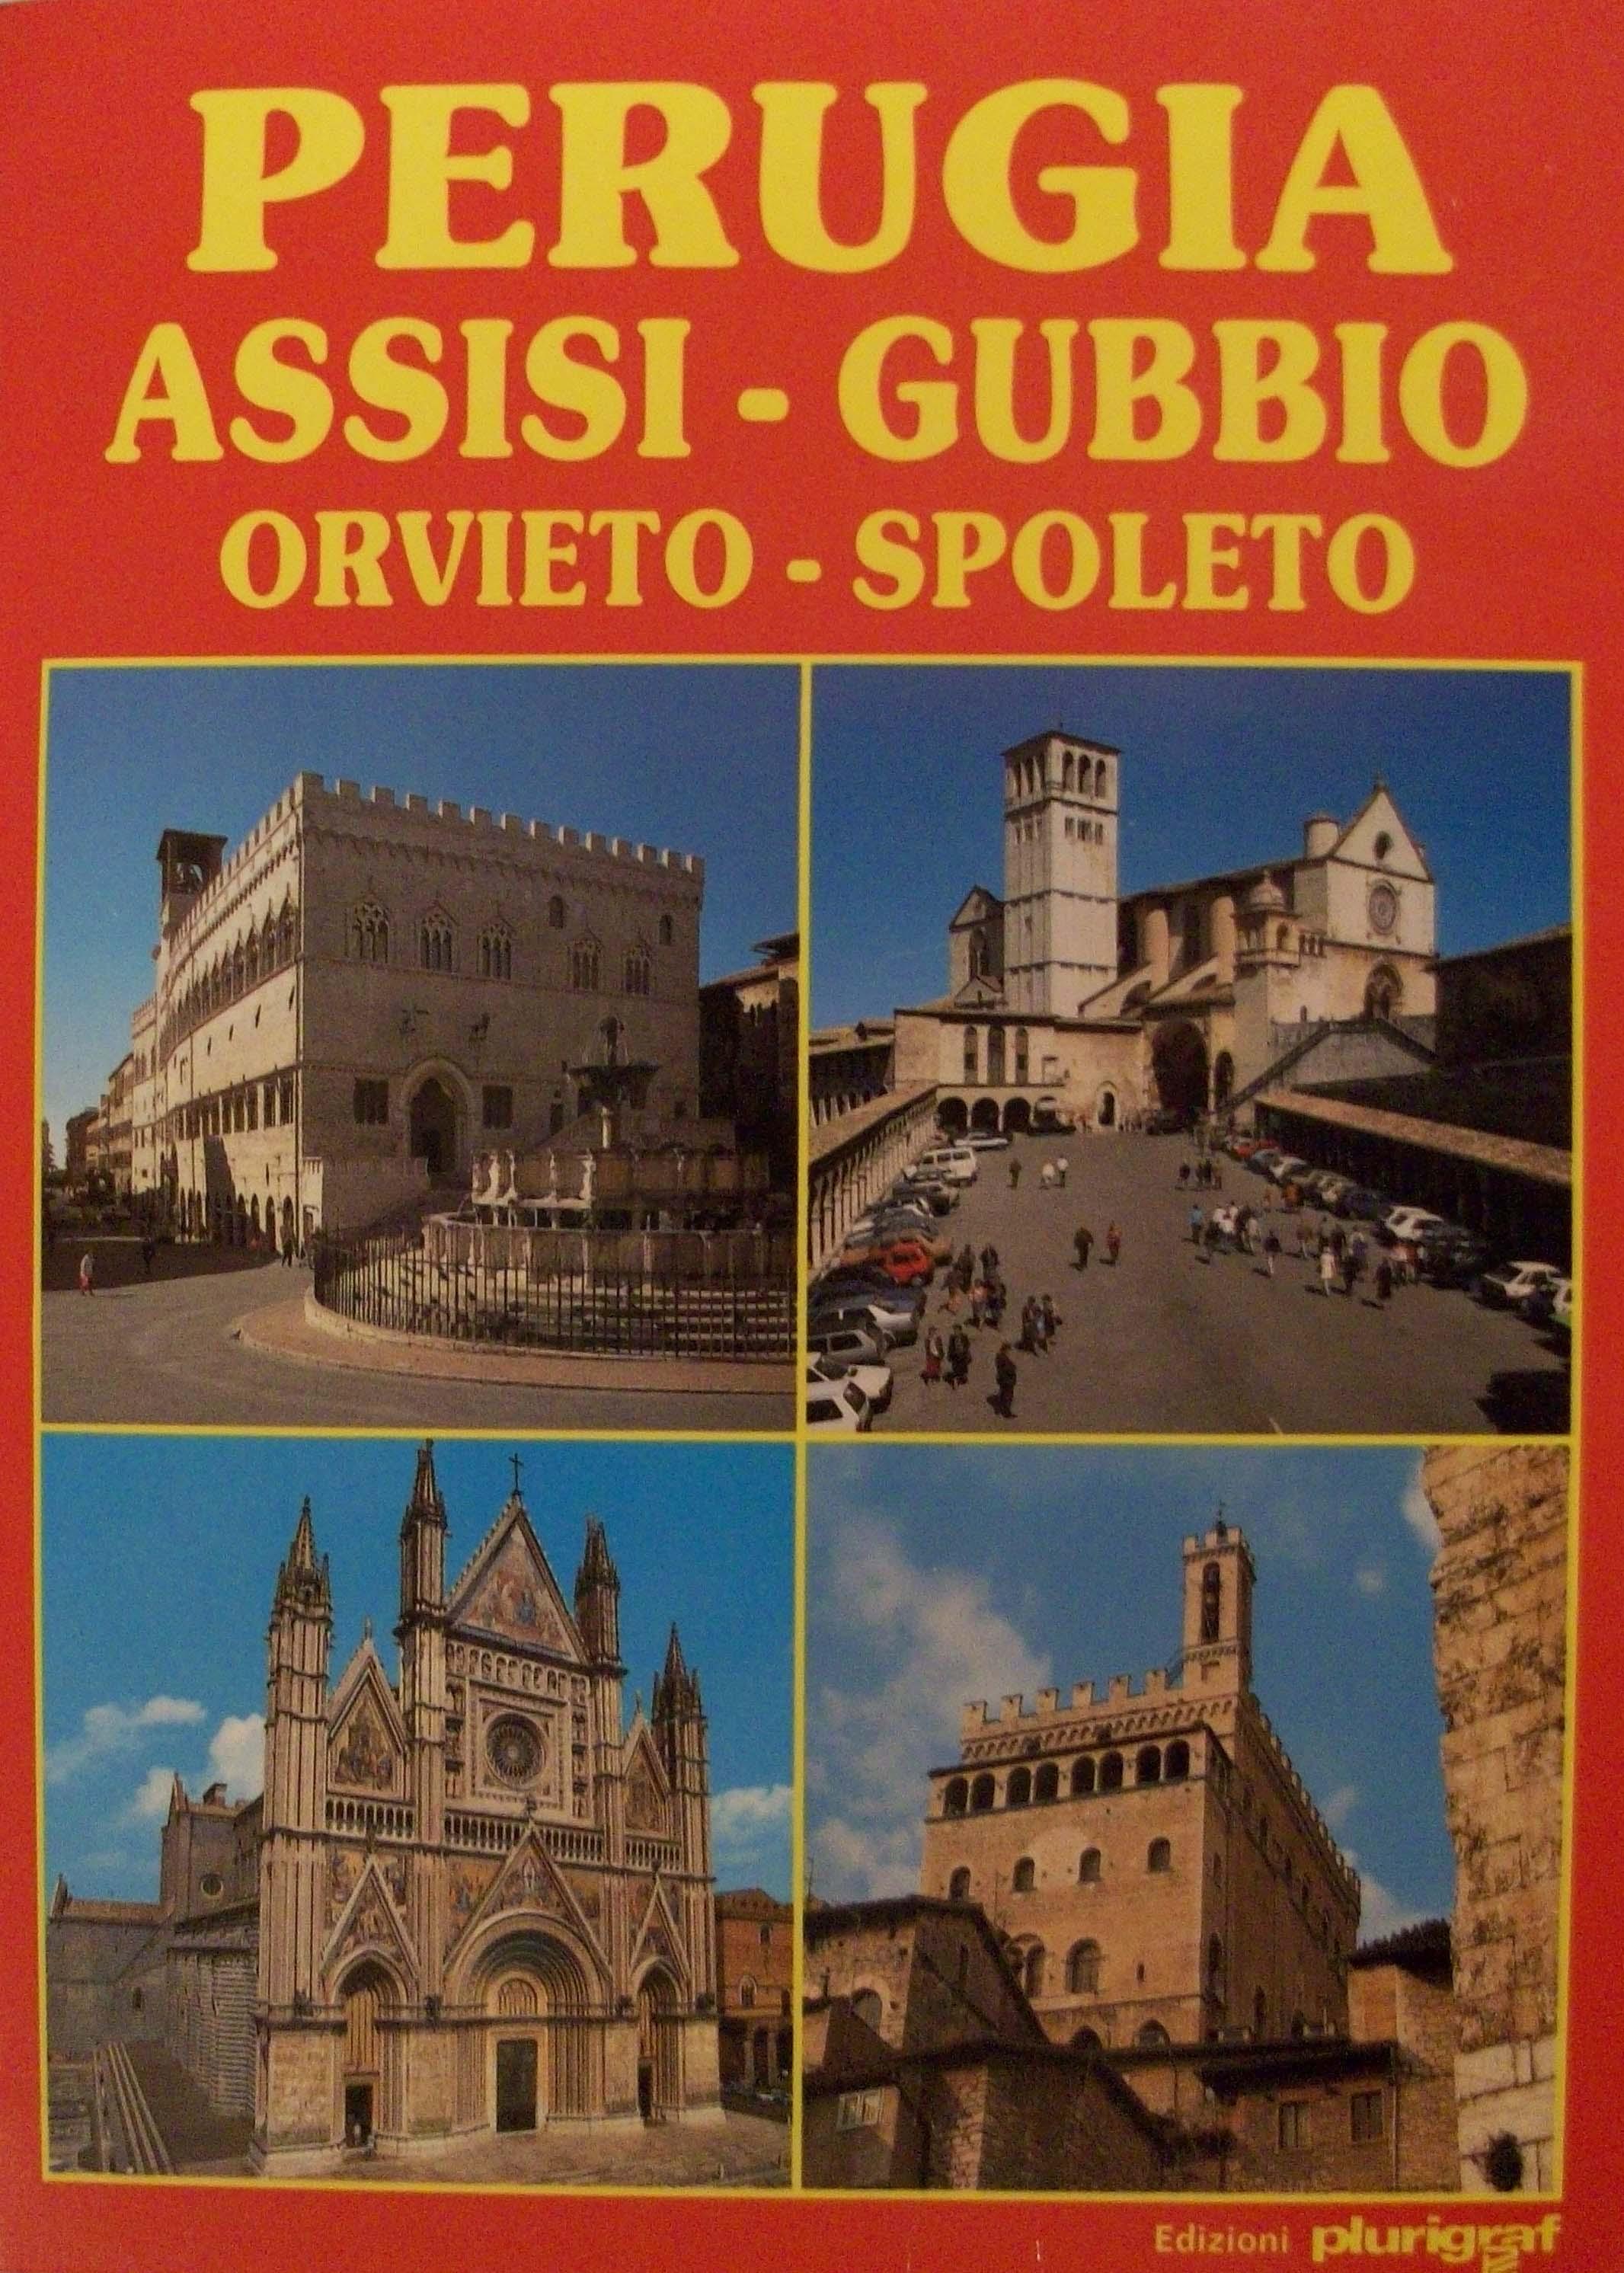 Perugia, Assisi, Gubbio, Orvieto, Spoleto